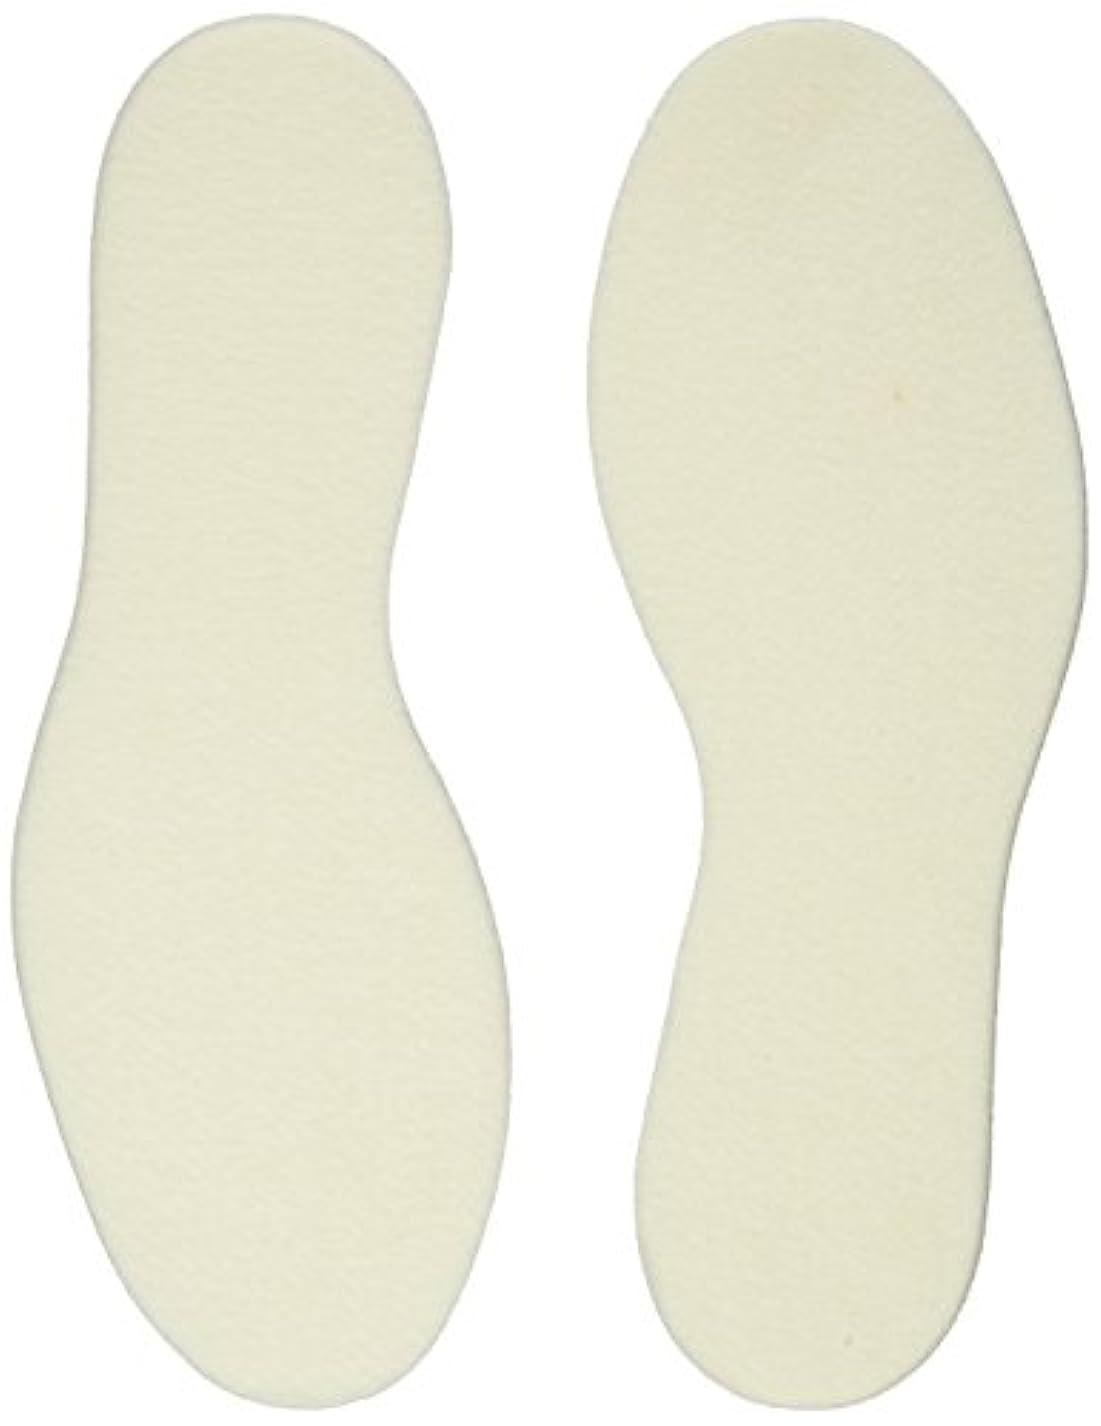 水星偽善者砂コロンブス 長靴快適インソール フリーサイズ(22.0~28.0cm)